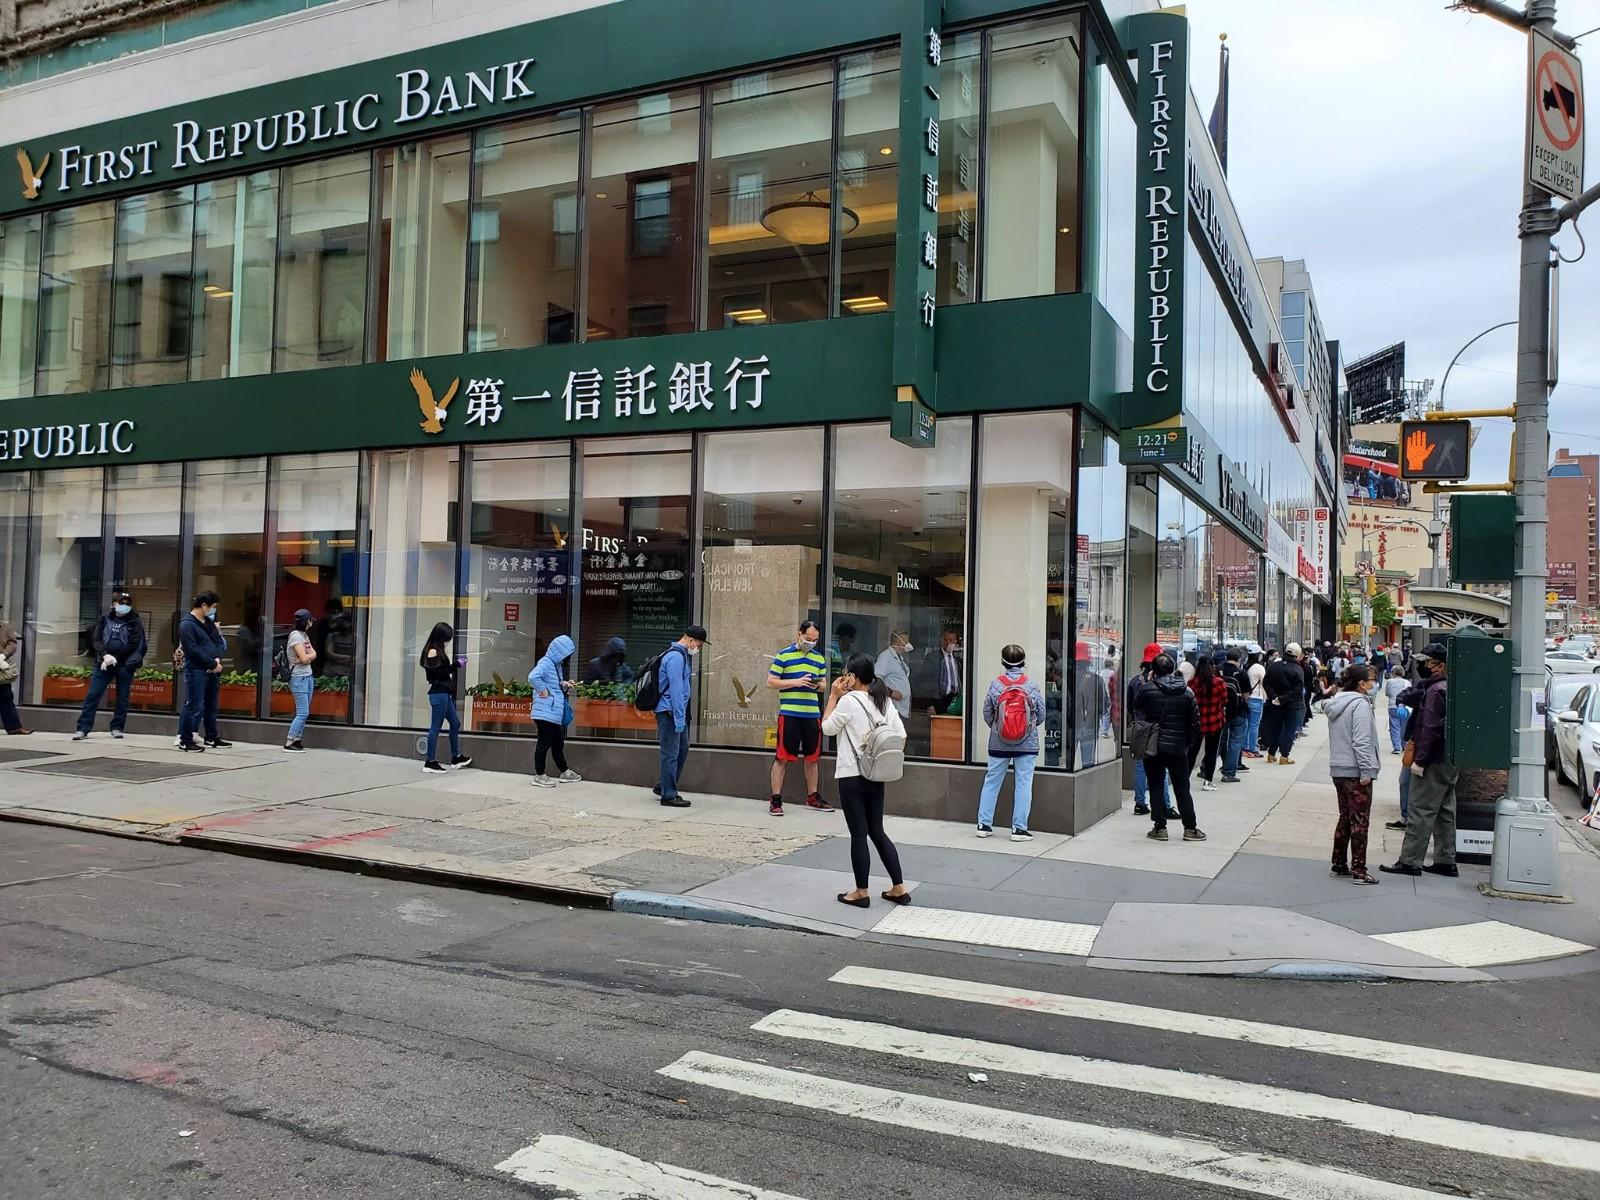 【组图】纽约华社商家竖钢板自保 民众排队取回银行保险箱中财物